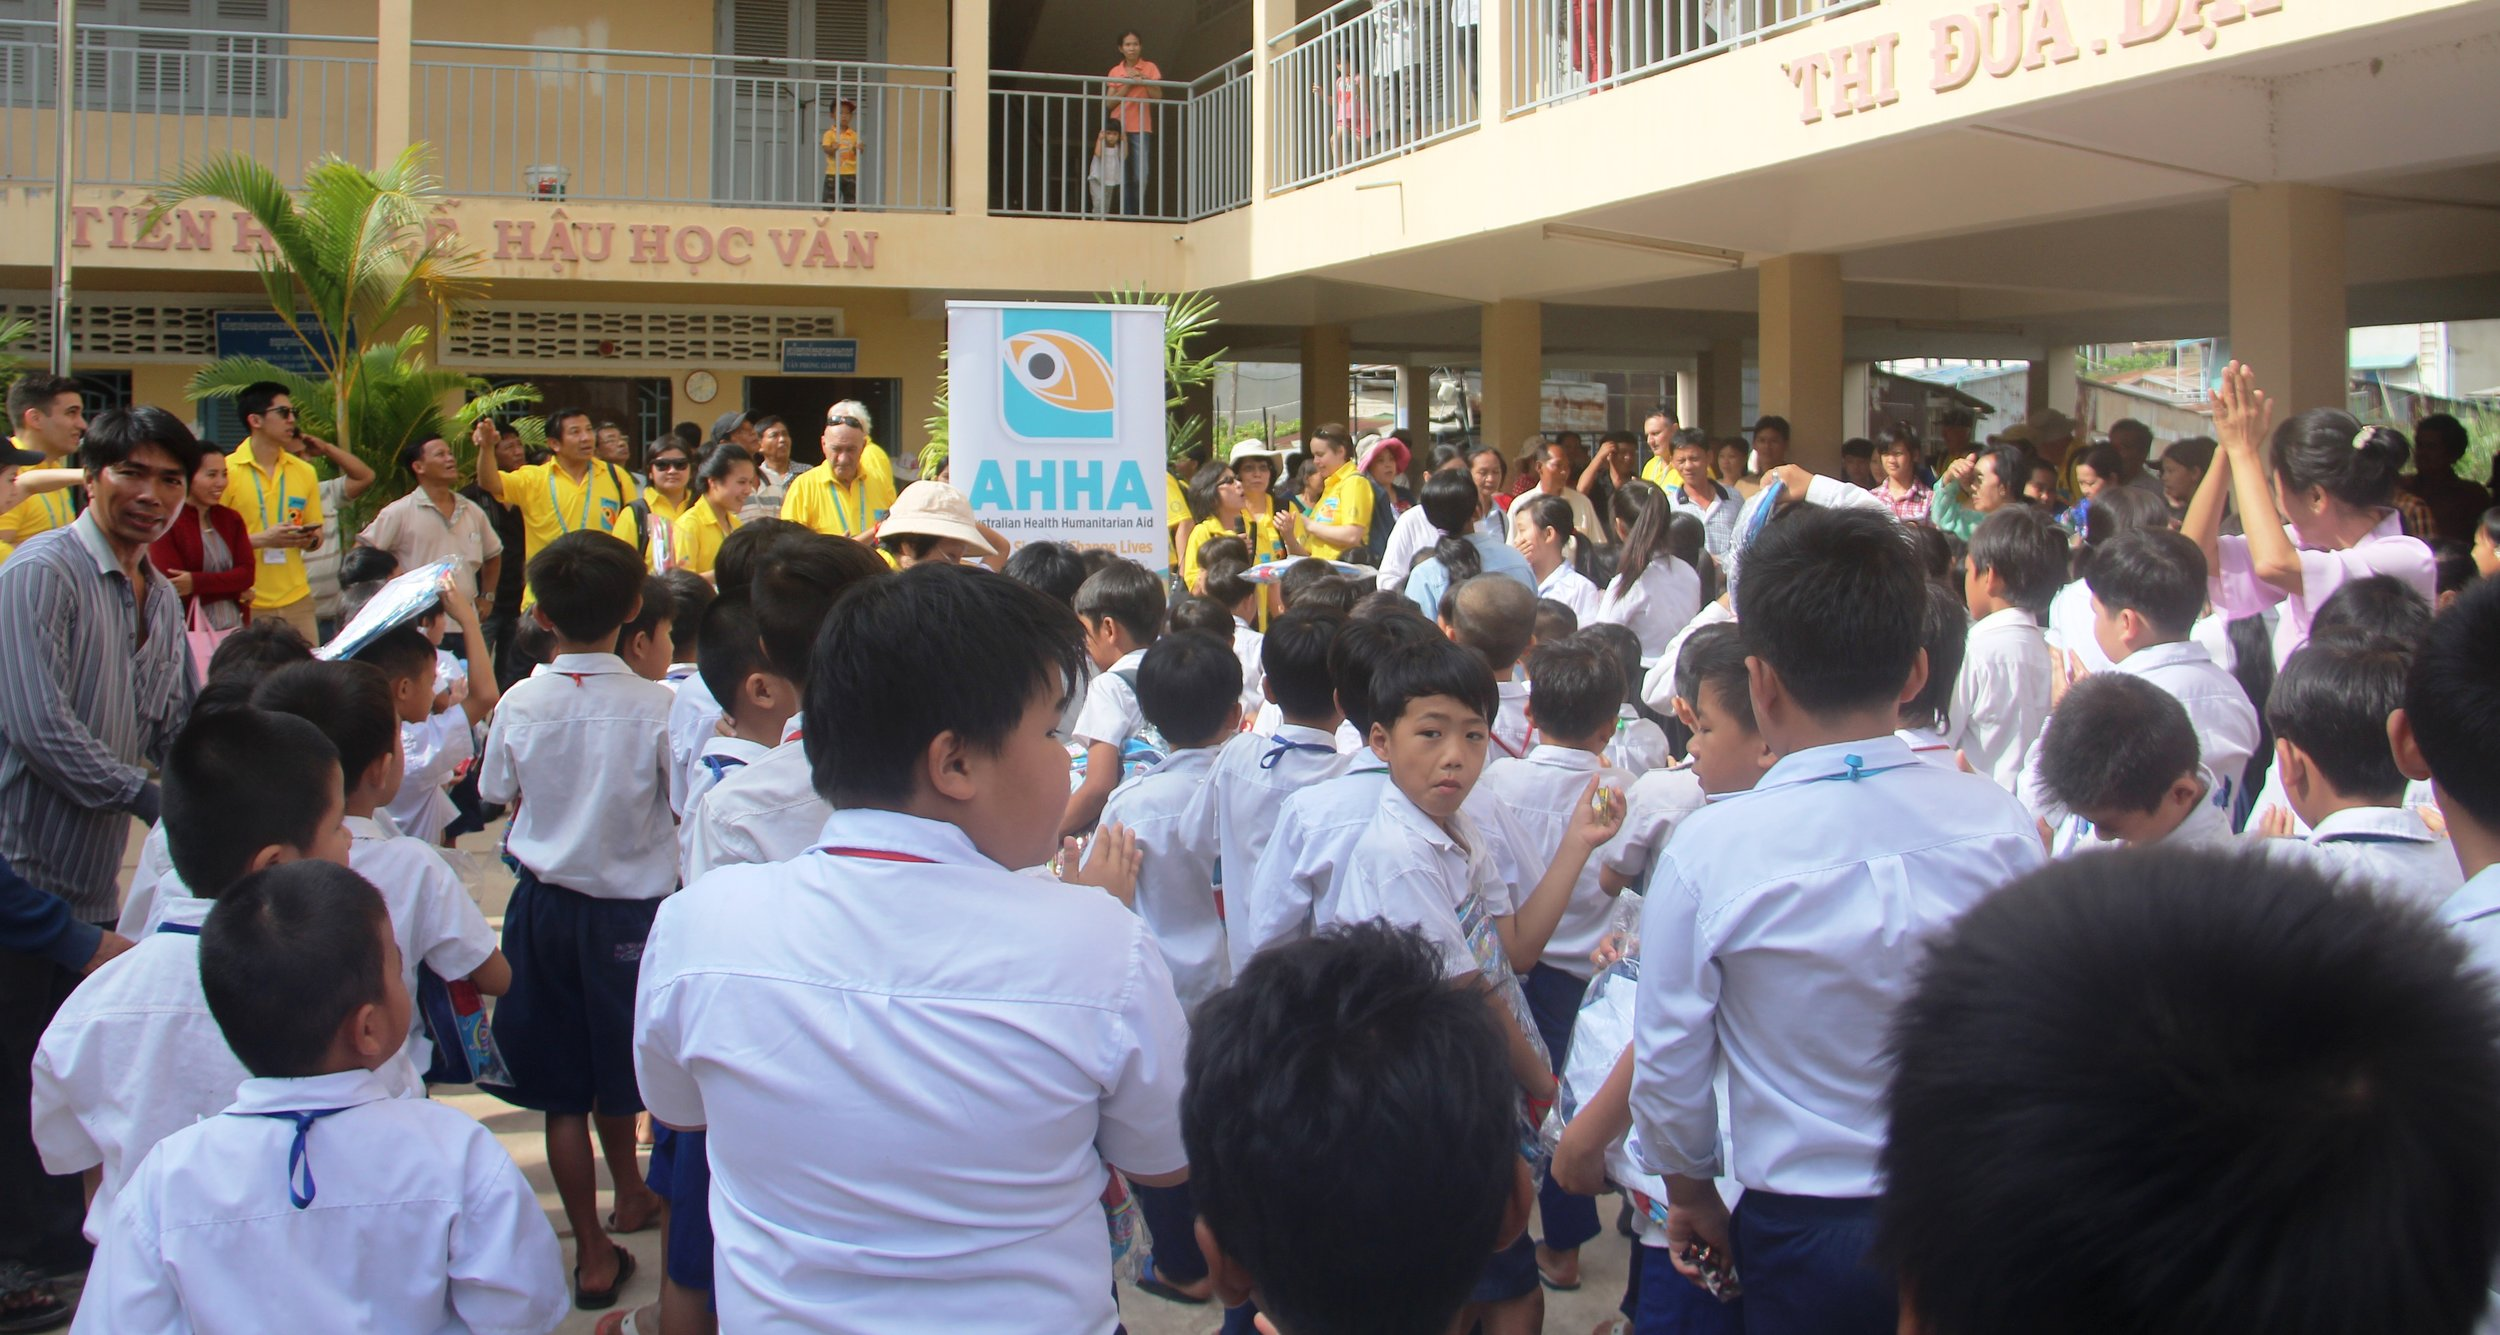 School children receiving gifts